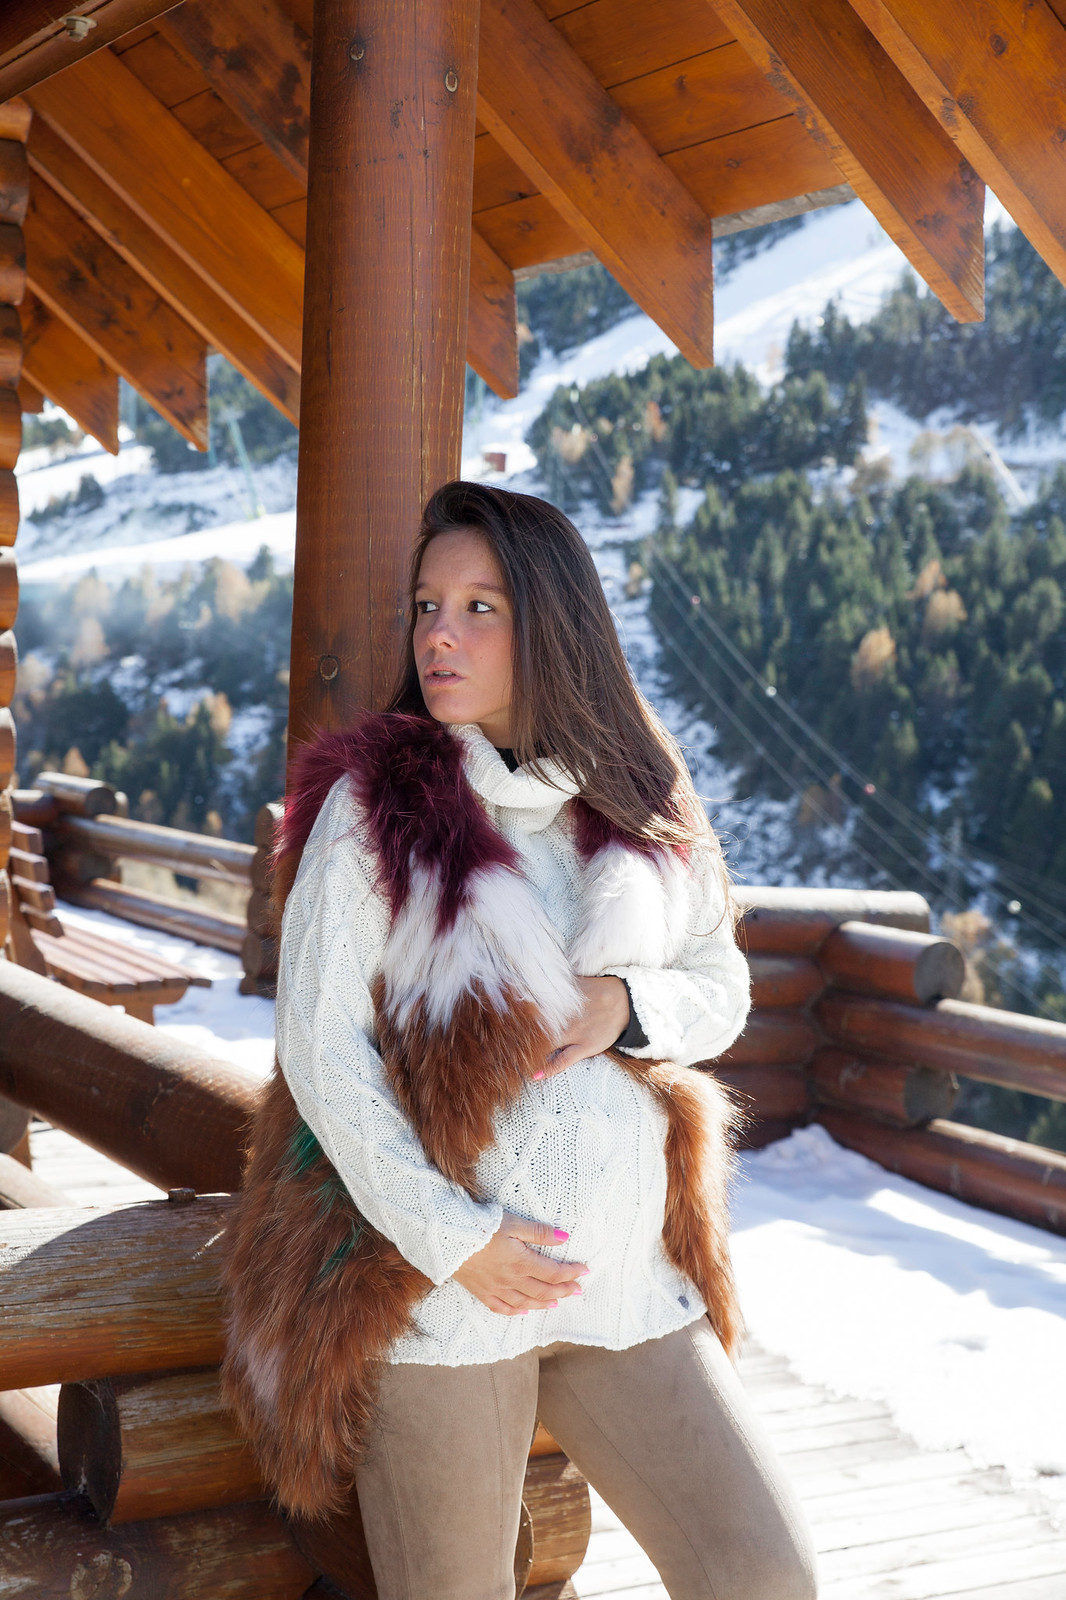 05_5_claves_para_un_look_apres_ski_tendencia_invierno_outfit_embarazada_comodo_nieve_theguestgirl_laura_santolaria_ruga_hpreppy